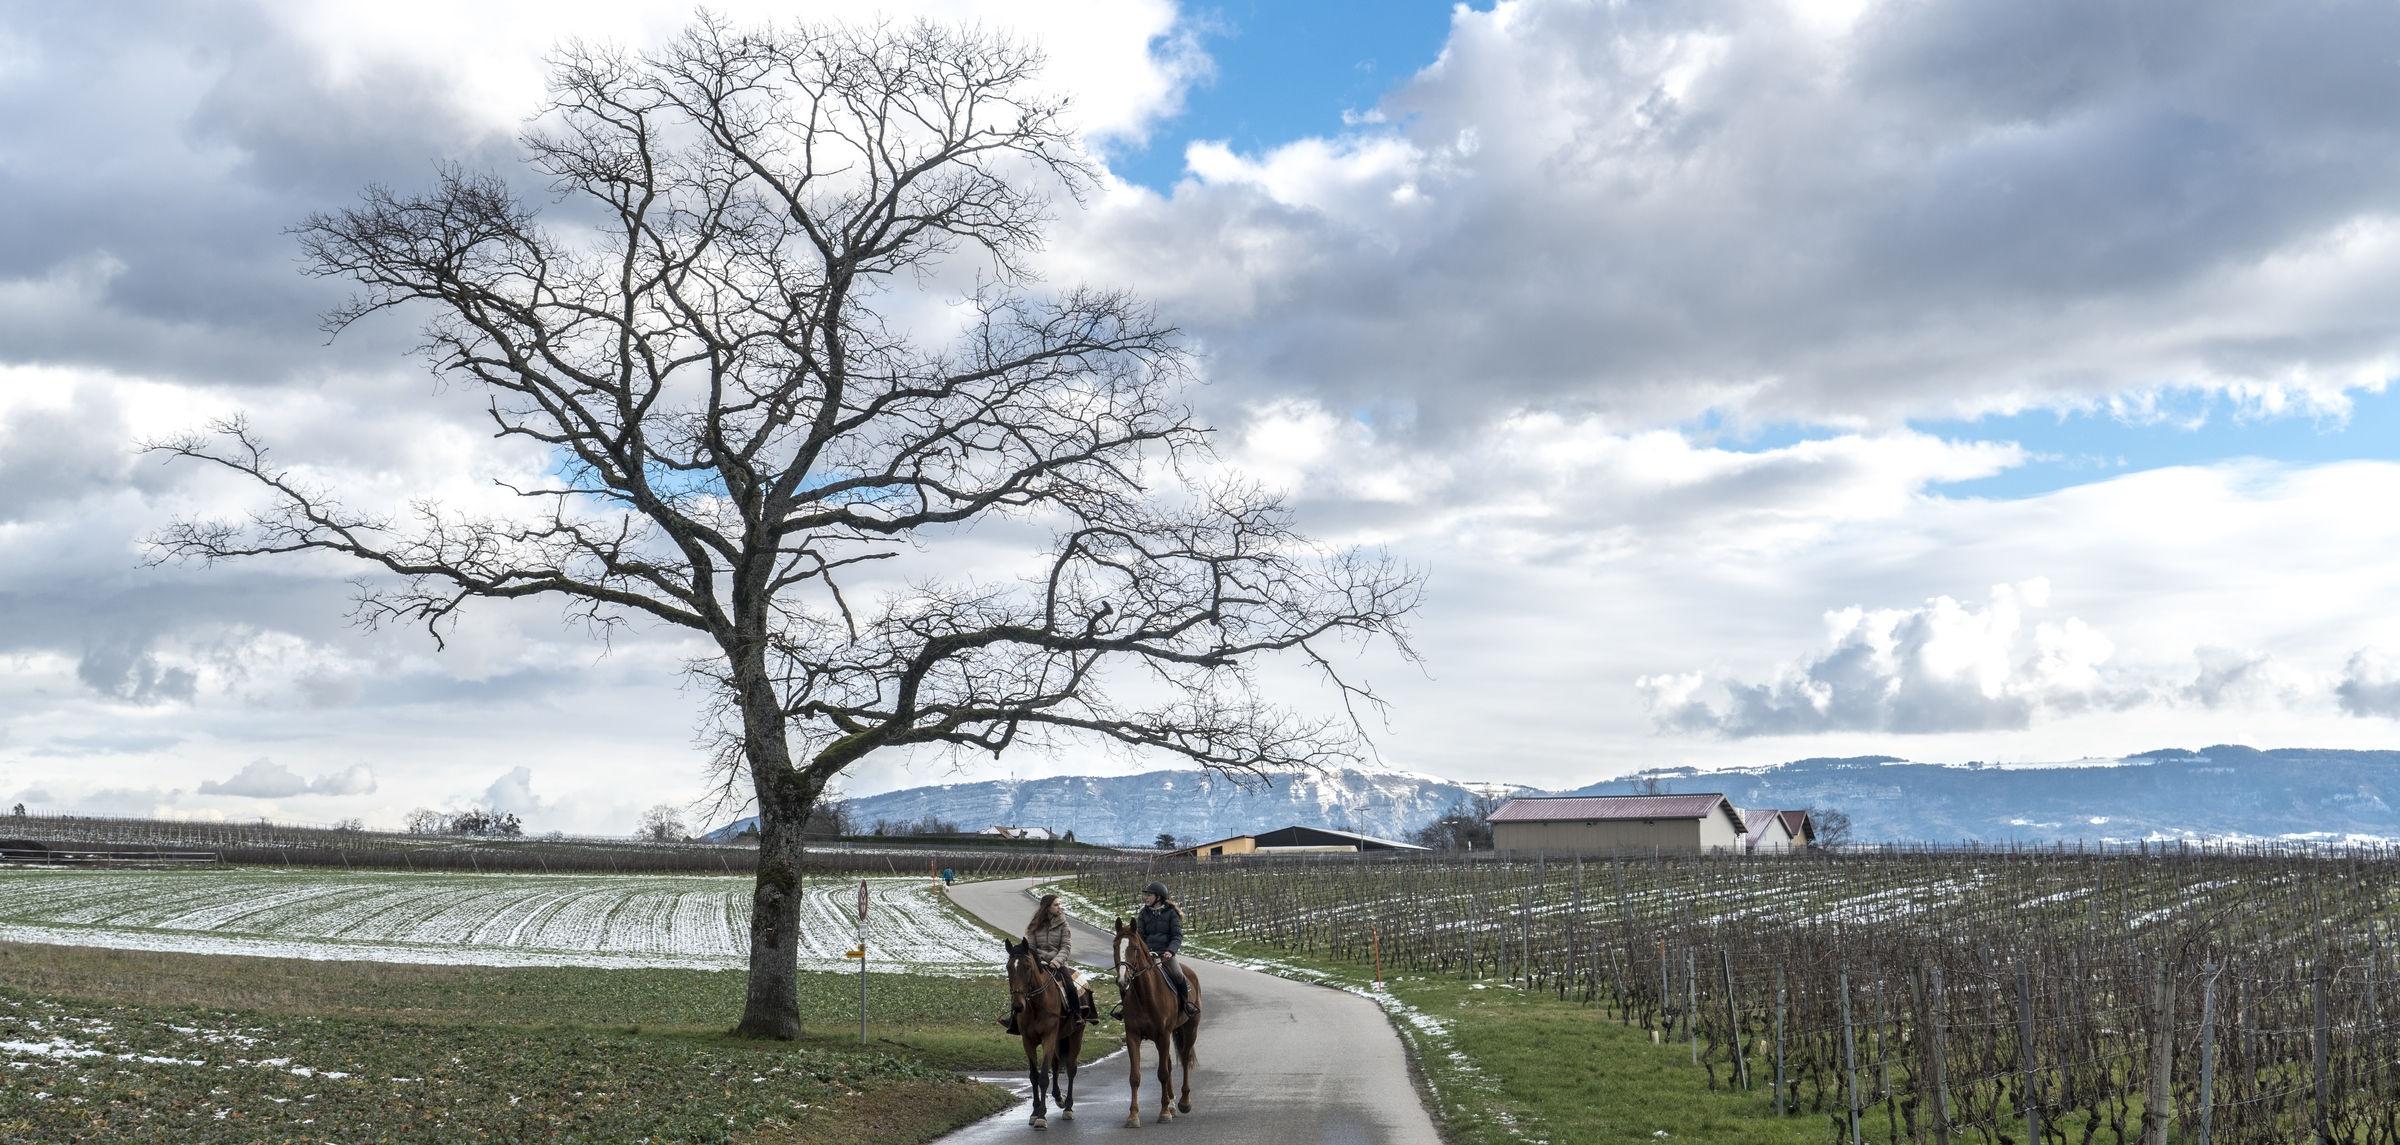 Vigne_champs_chevaux